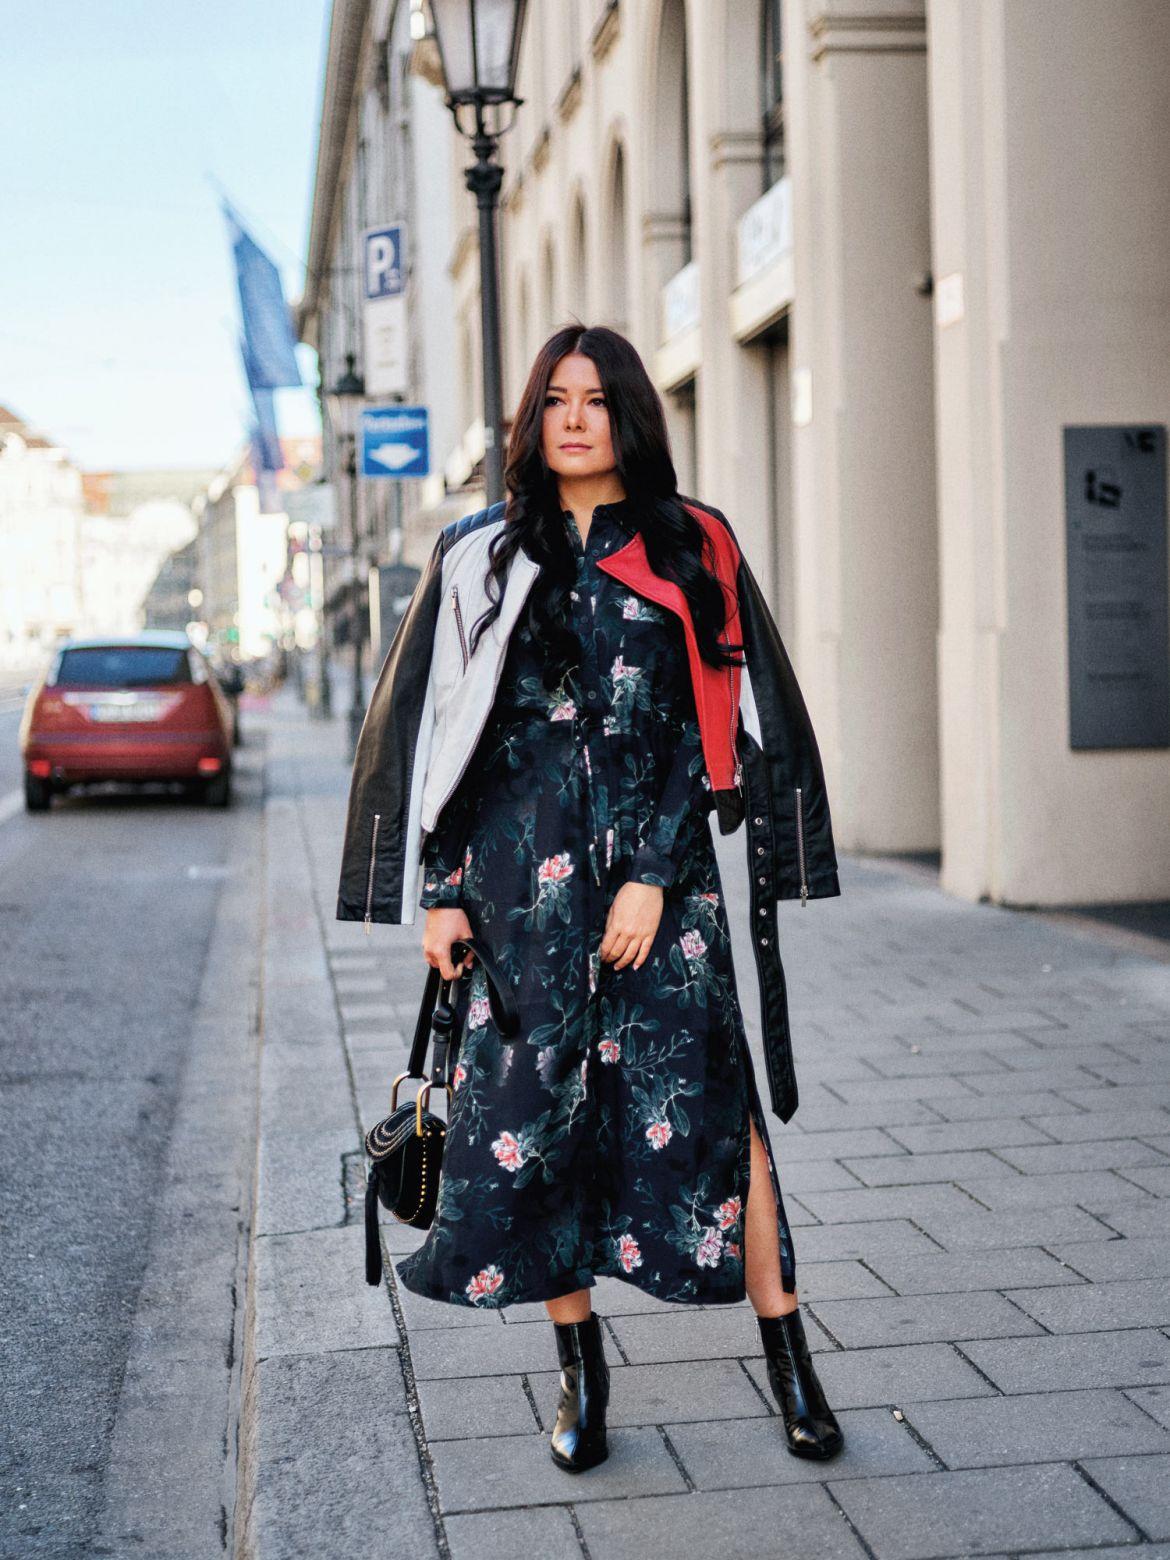 fashion-blogger-aus-muenchen-fashionblogger-lifestyleblogger-beautyblogger-fashion-blogger-modeblogger-modeblog-munich-blog-muenchen-Midikleider-cool-style-nicht-nur-feminin-und-elegant